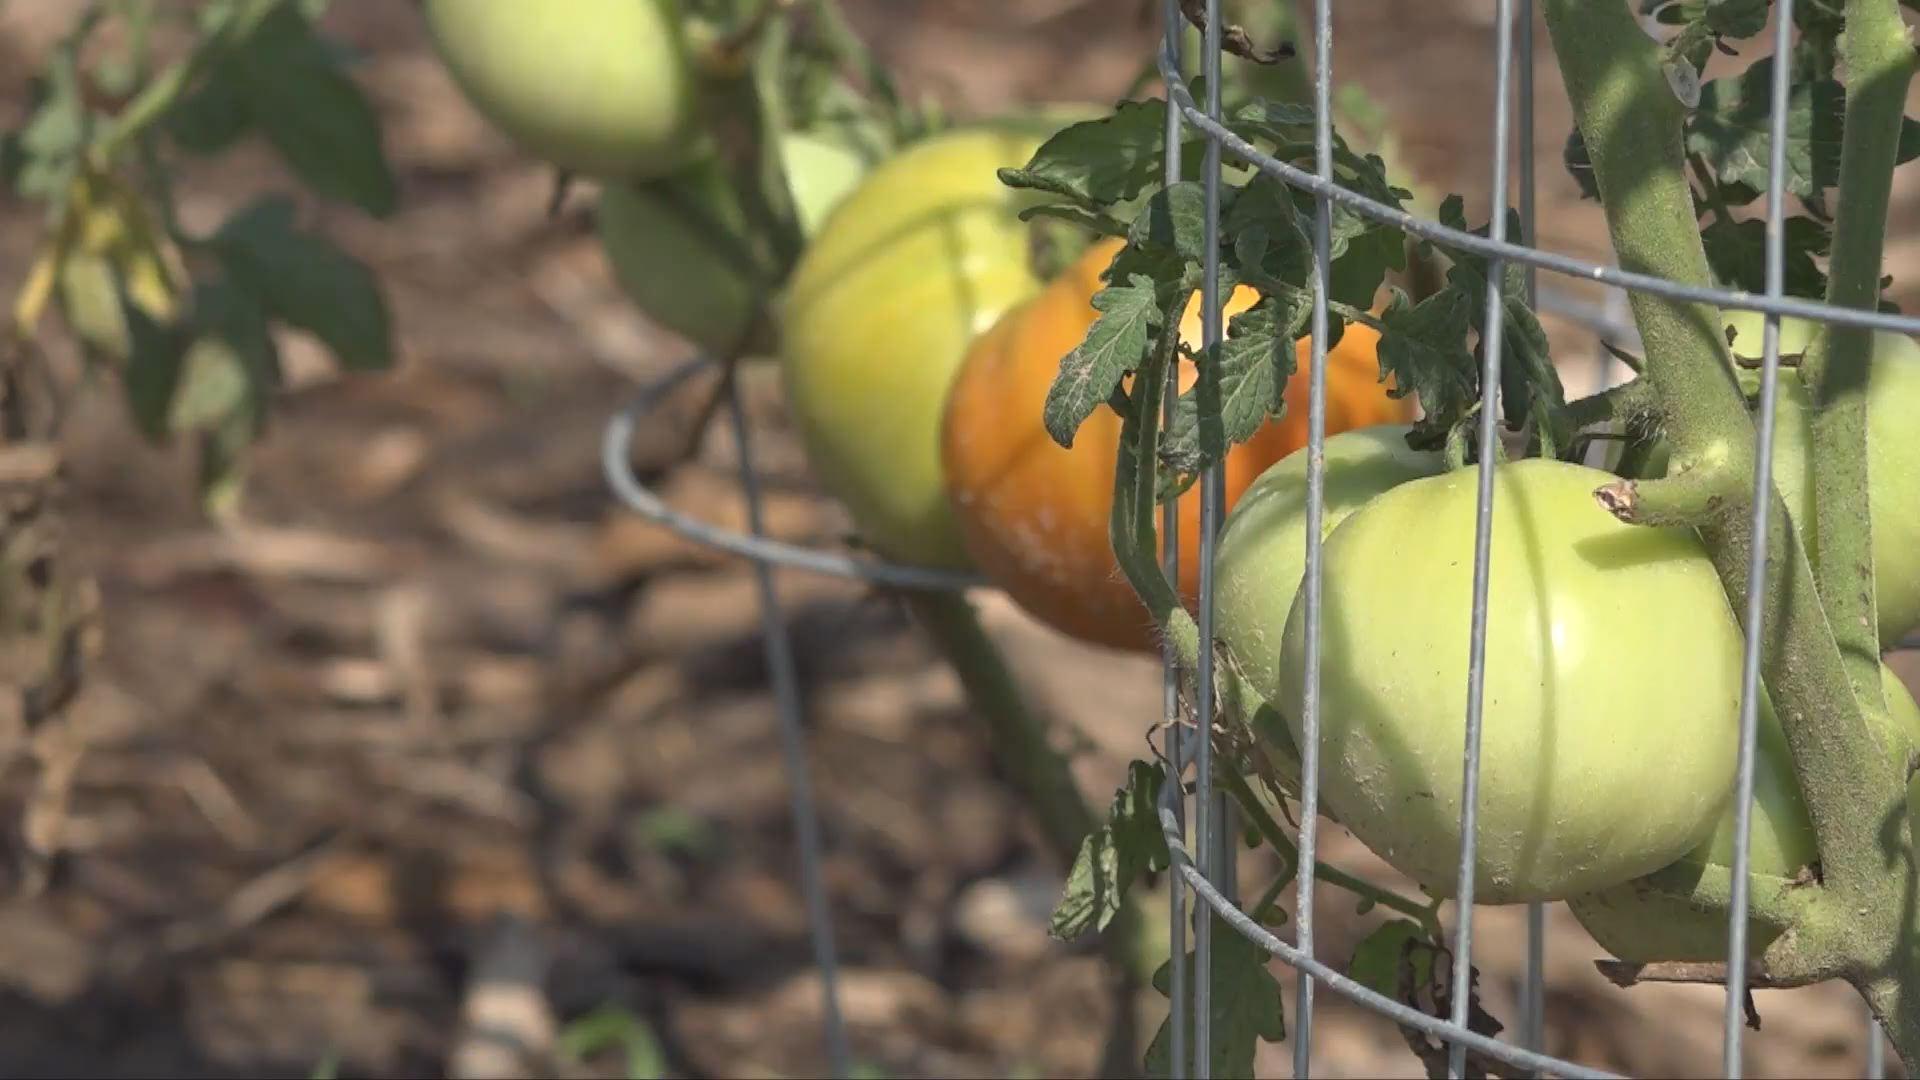 Consejos de jardinería Para Esta Época Del Año - KEYC 1